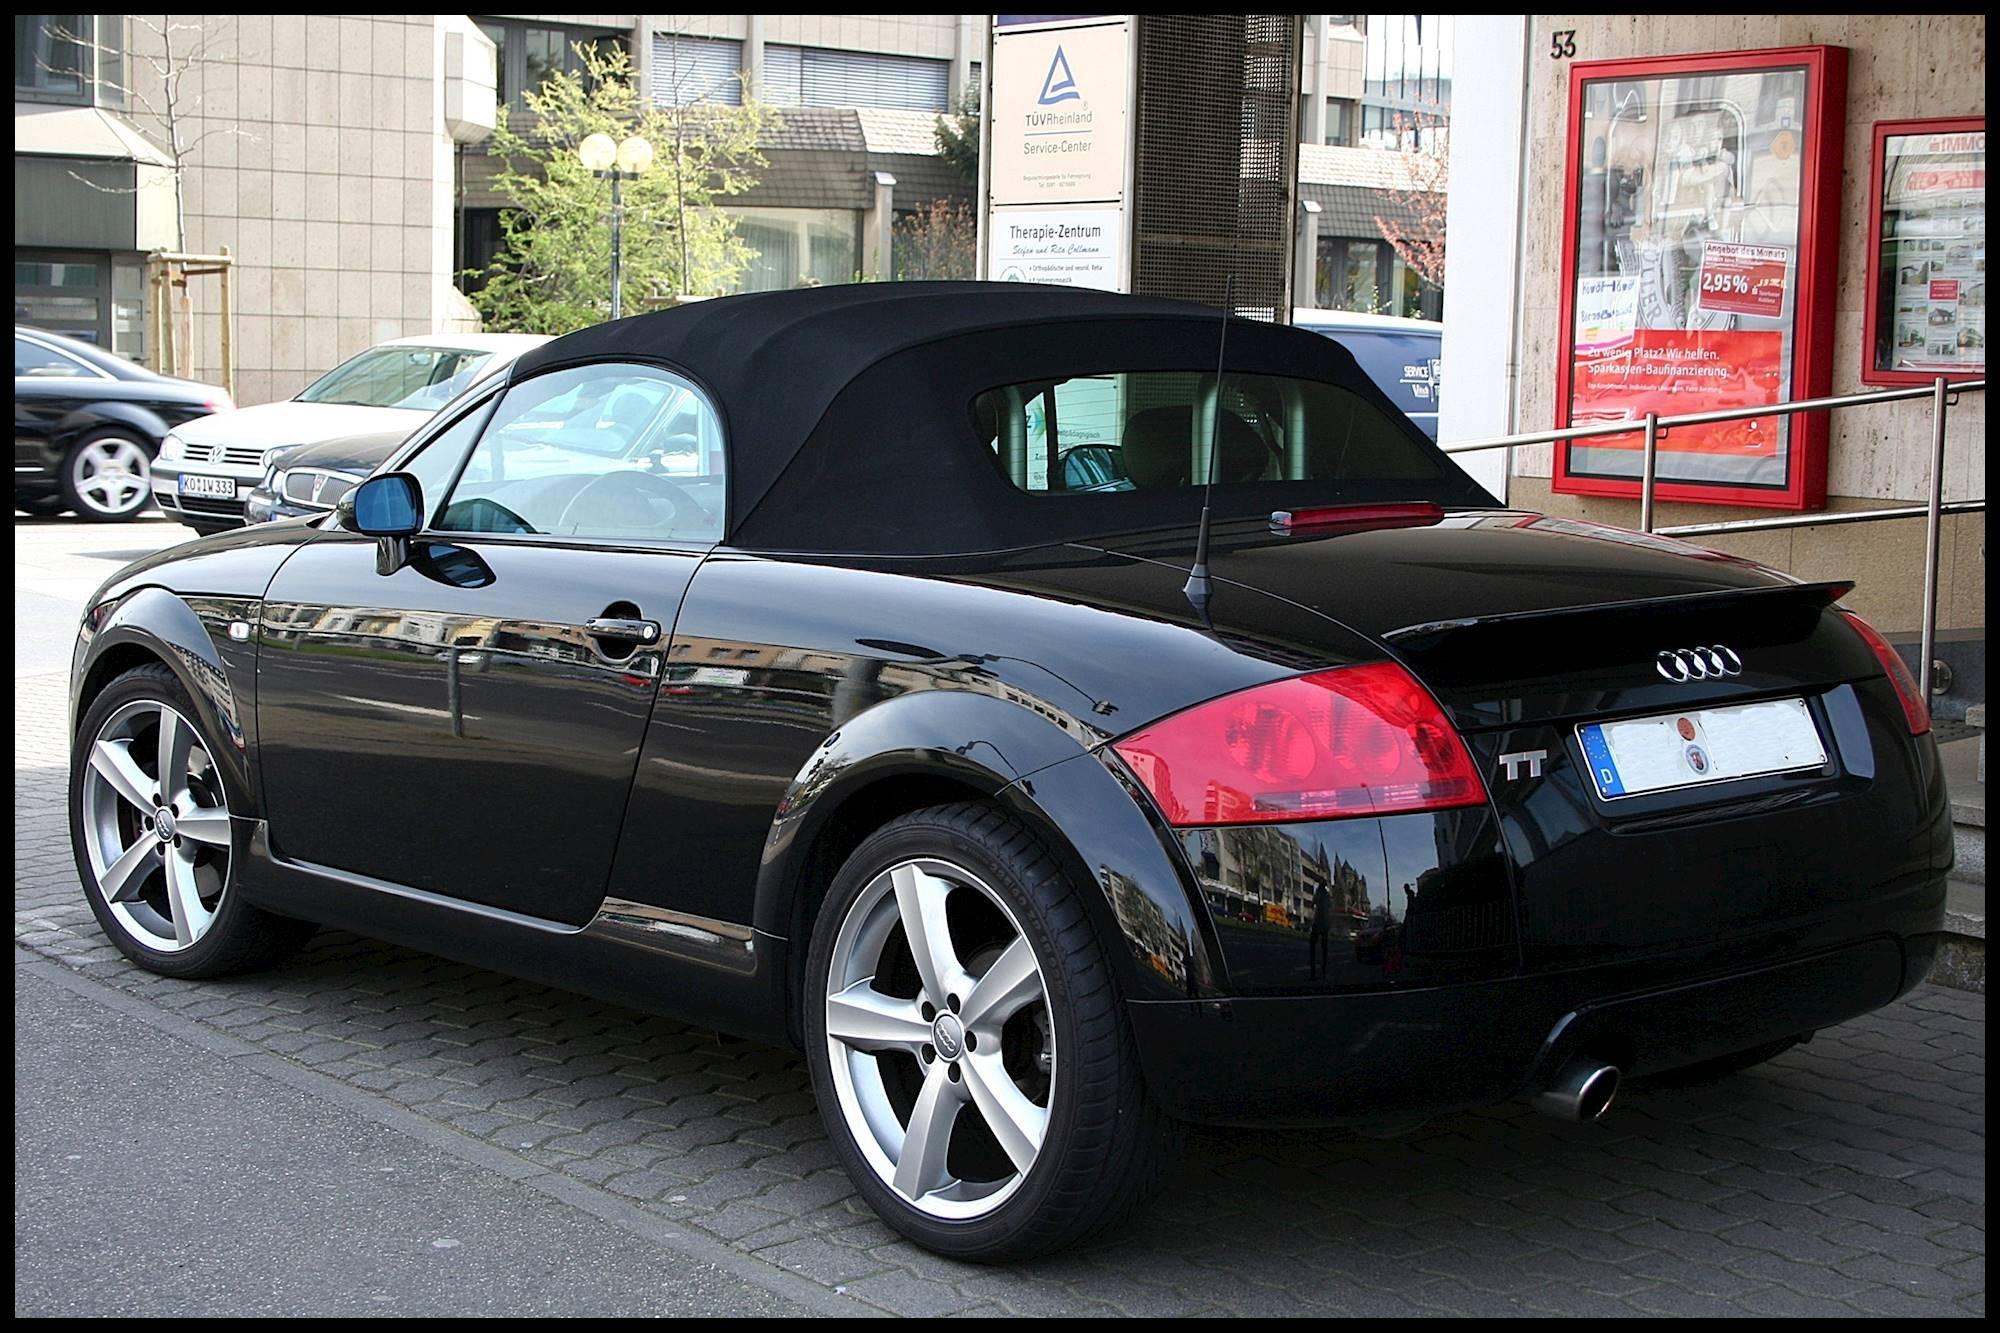 2002 Audi TT 1 8L 225 HP 2dr All wheel Drive Quattro Coupe 6 spd manual w OD